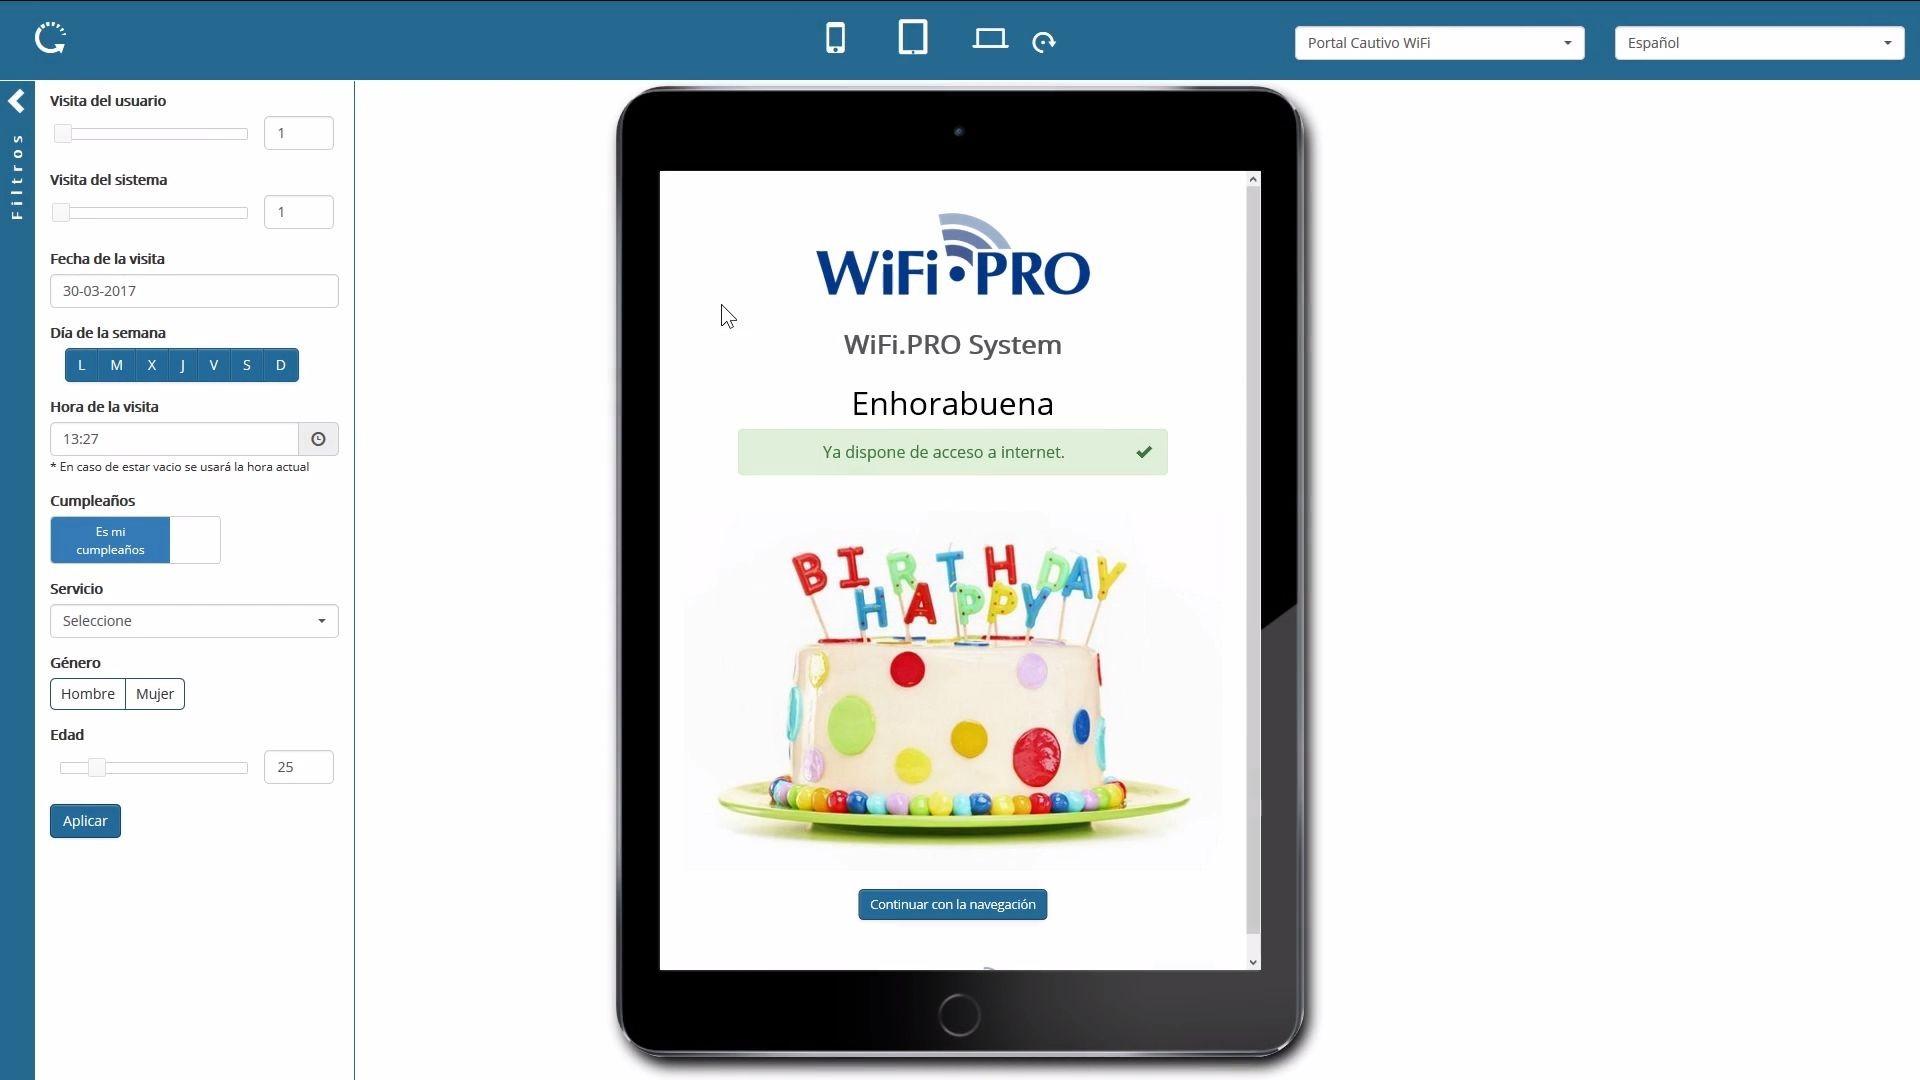 WiFi.PRO - 11 Portal cautivo comunicacion programatica